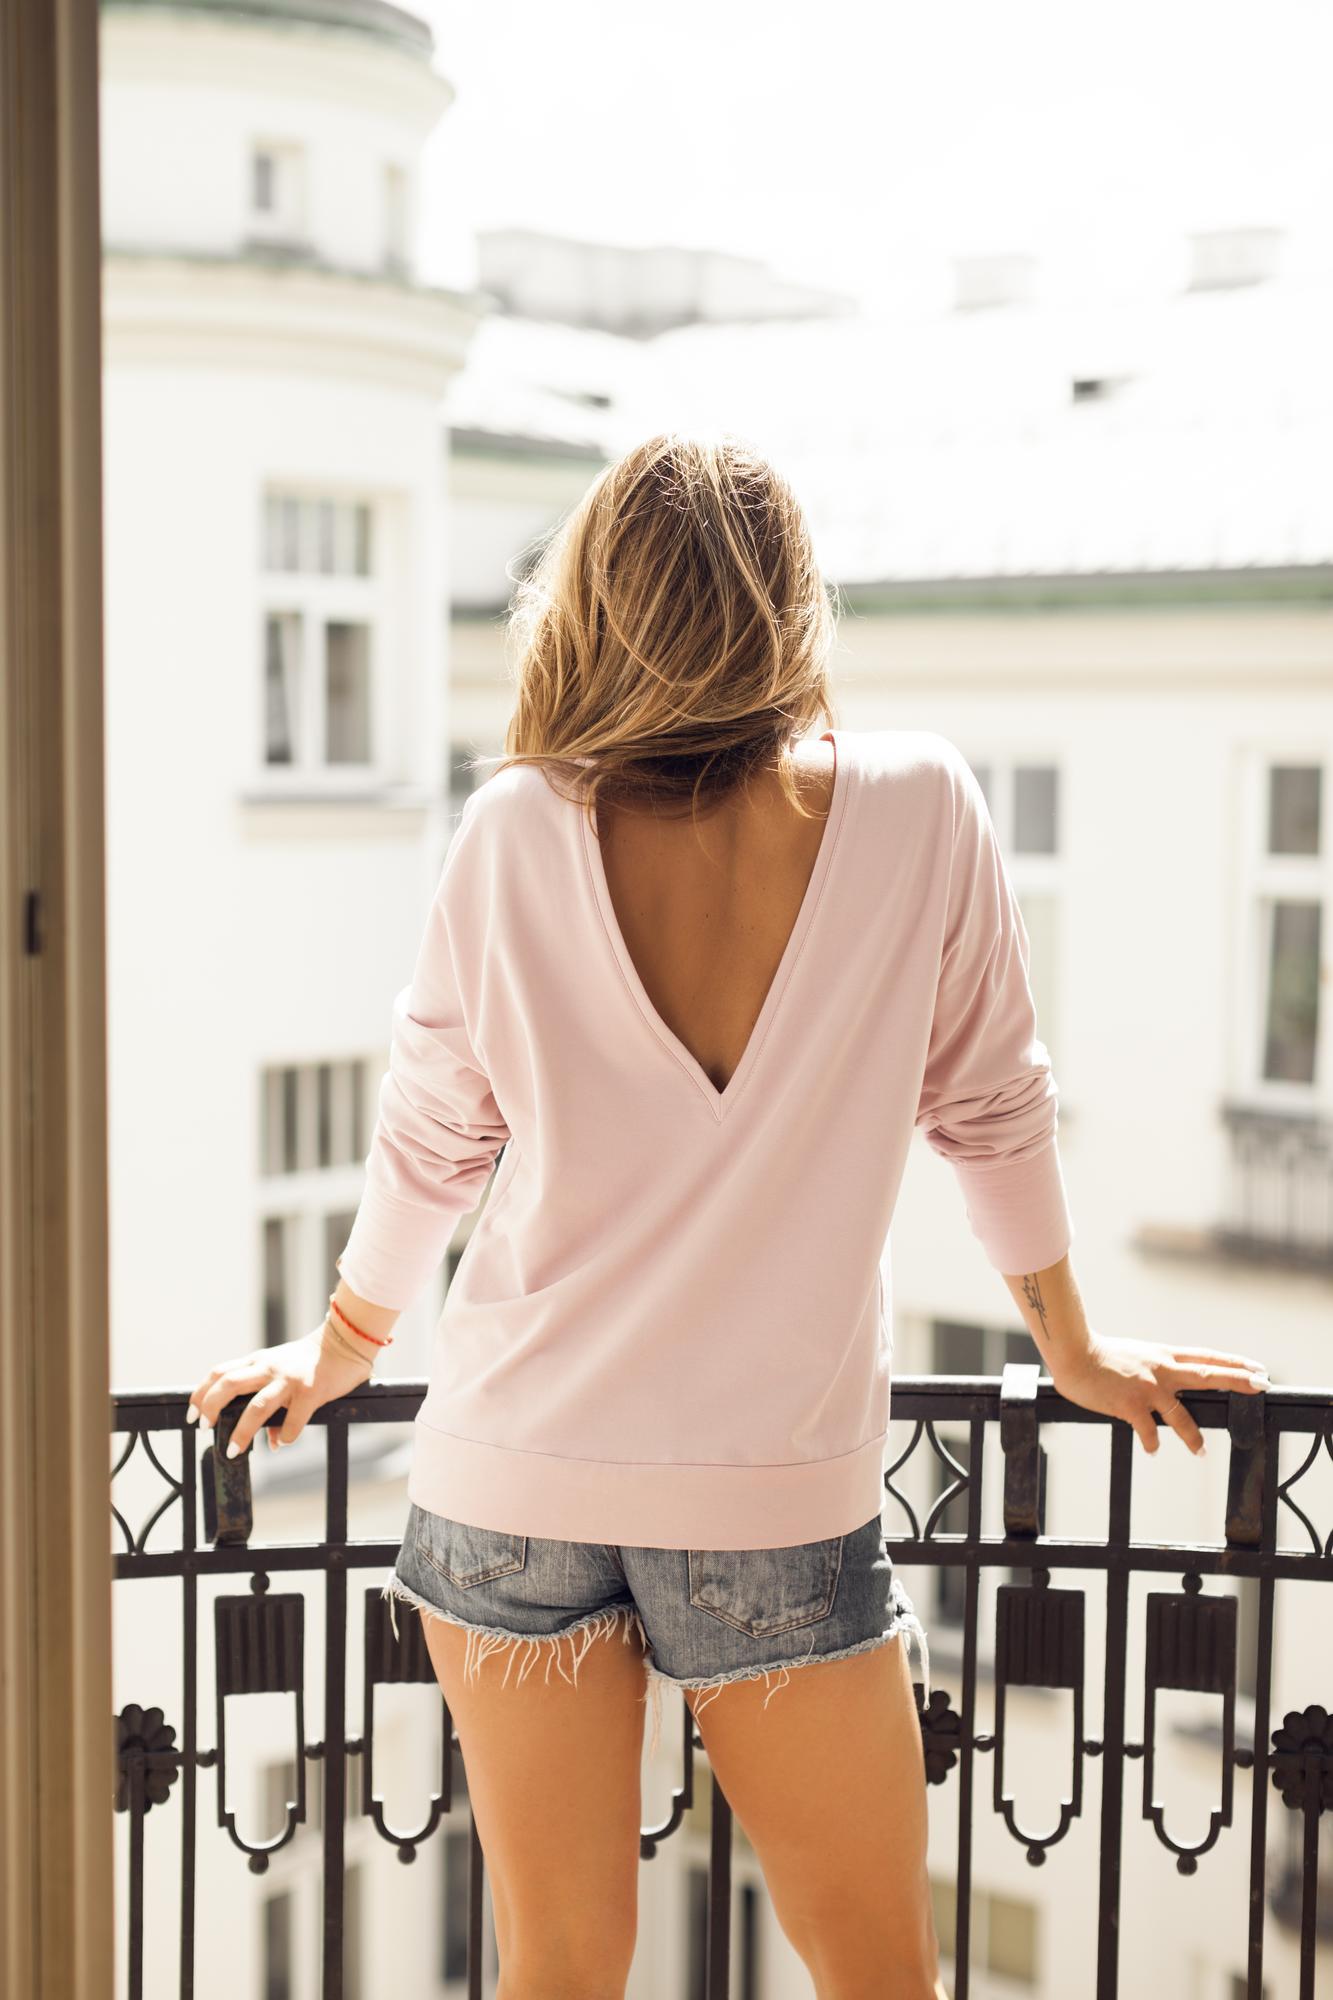 """Przodem do tyłu czy tyłem do przodu? To bez znaczenia! Bluzę Ruude V-neck Front Back możesz nosić jak chcesz. Dekolt w literę """"V"""" możesz nosić z przodu odsłaniając obojczyki lub z tyłu uwodzicielsko eksponując plecy. To Ty decydujesz, bo jesteś #RuudeGirl! Dostępne kolory: CZARNY, SZARY, BRUDNY RÓŻ: 92% bawełna 8% elastan"""